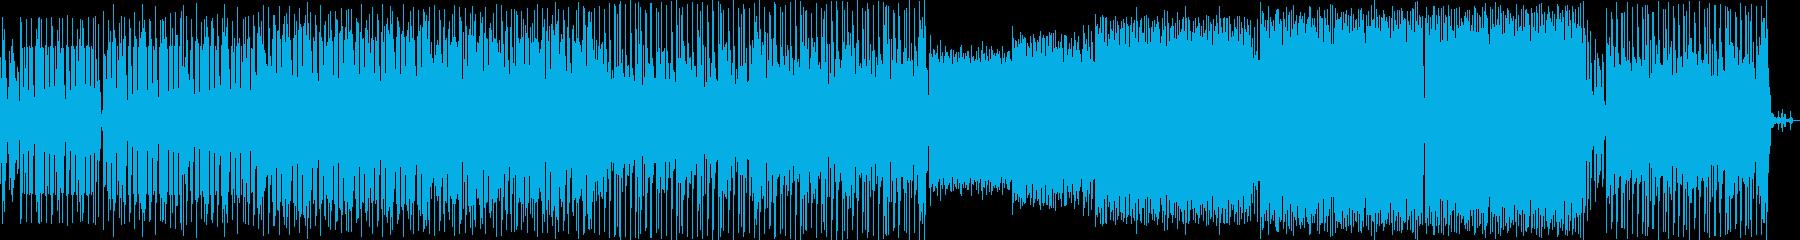 ジャジーなピアノが印象的な曲の再生済みの波形